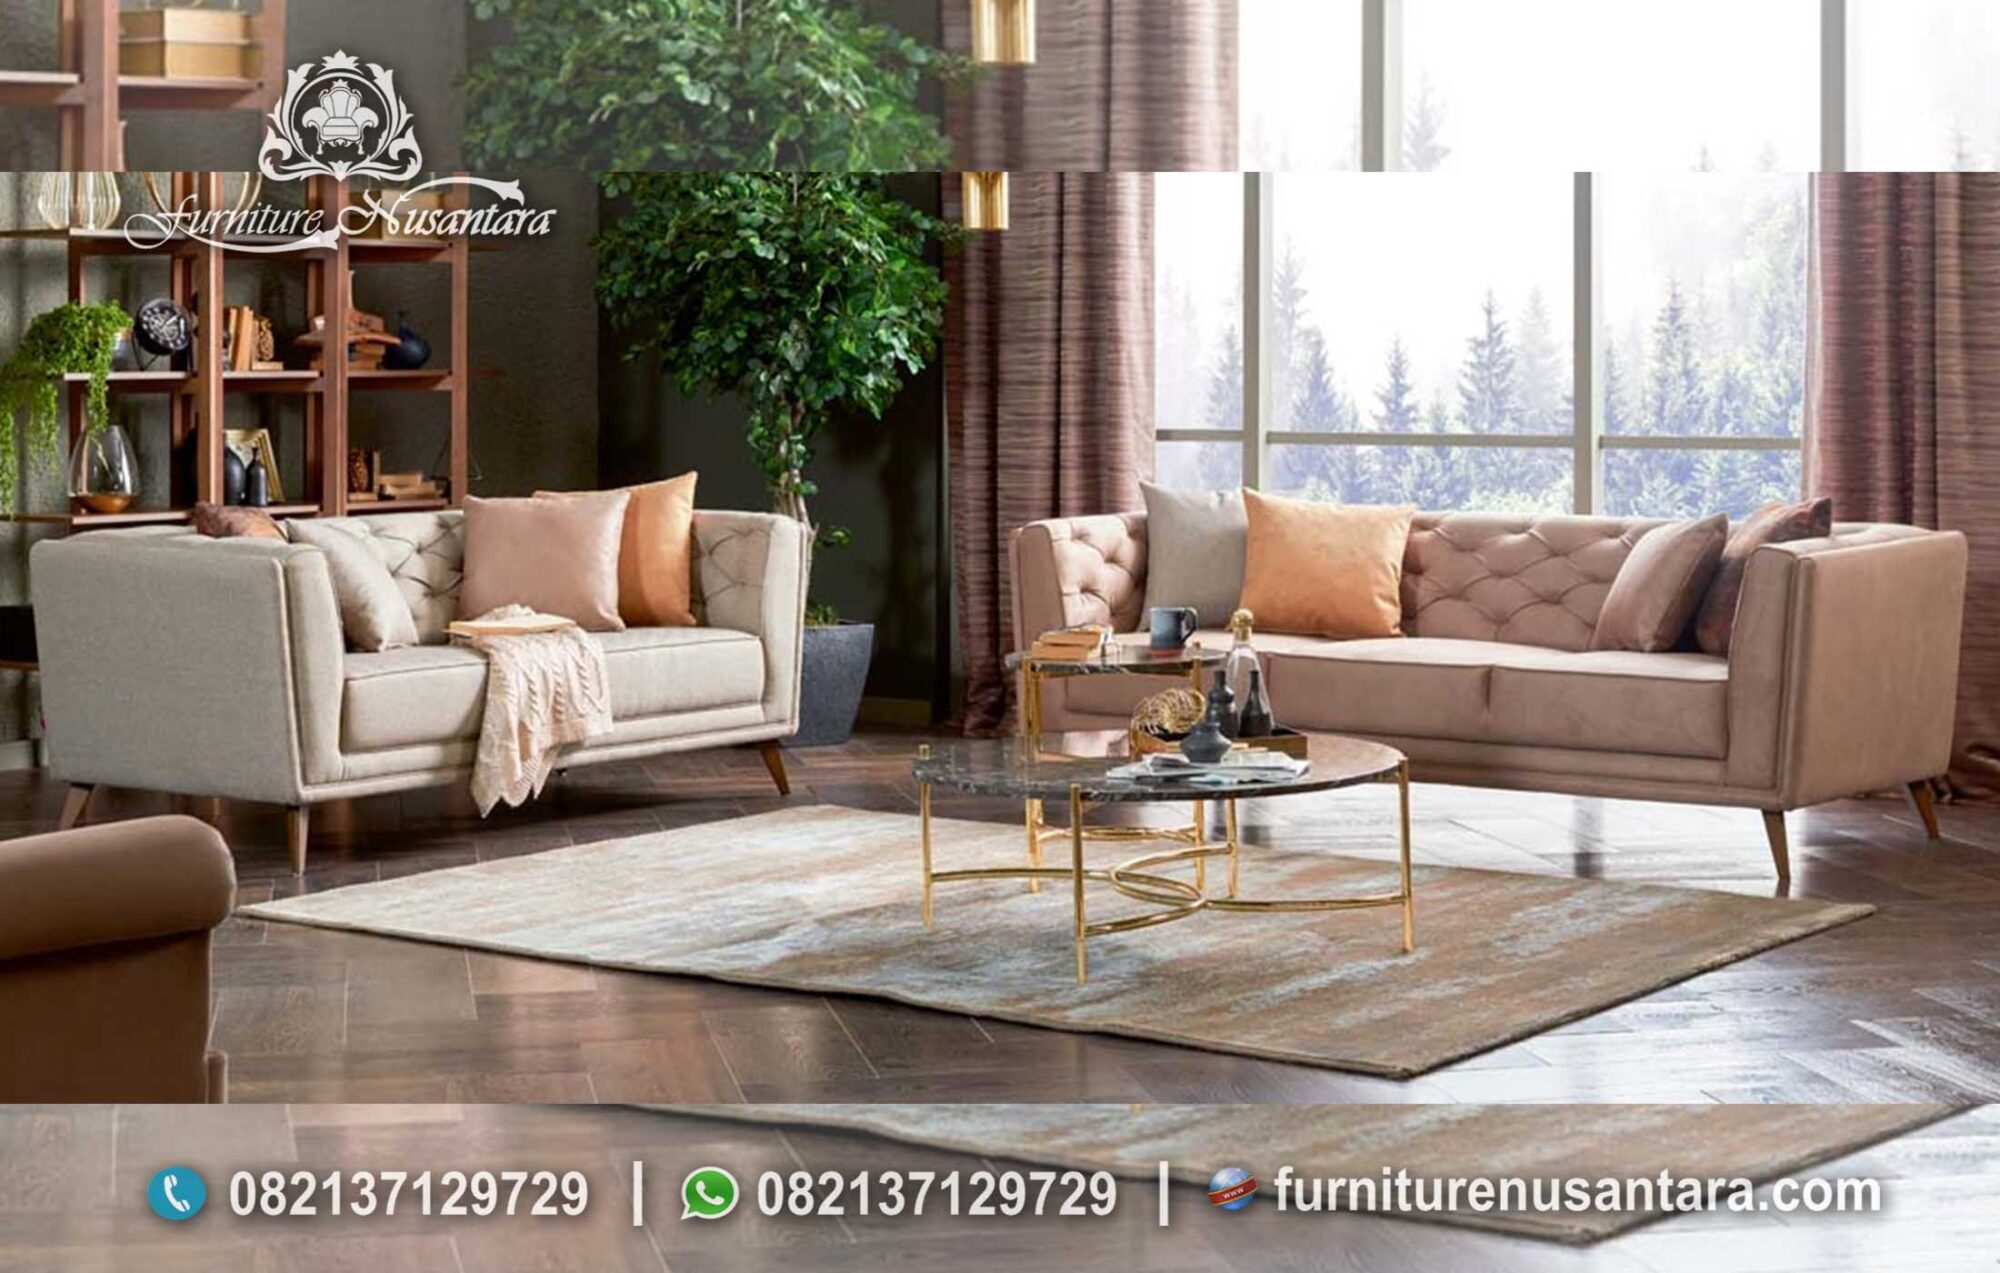 Desain Interior Ruang Tamu Soft Colour ST-63, Furniture Nusantara